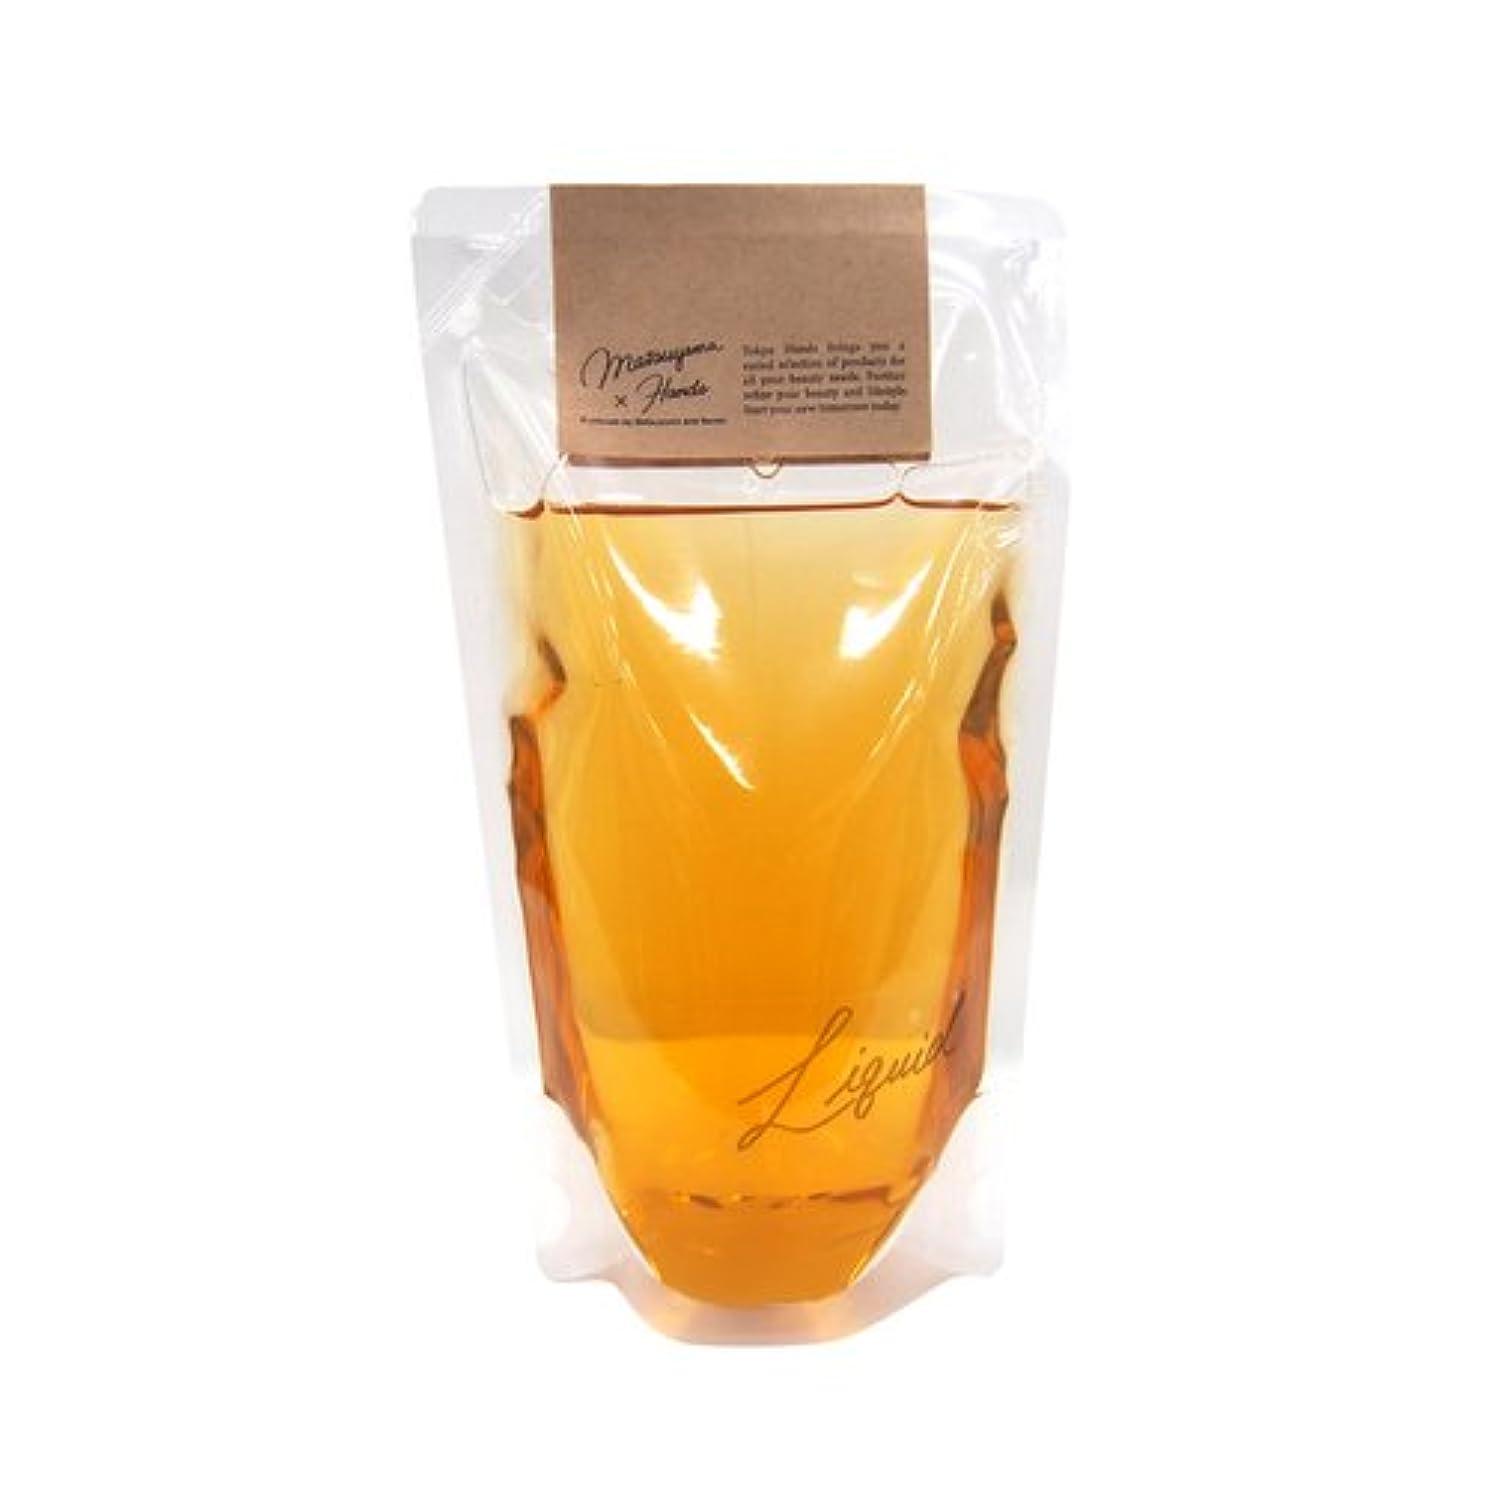 対応羽シアー松山油脂×東急ハンズ モイスチャーリキッドソープ カモミール替 280mL